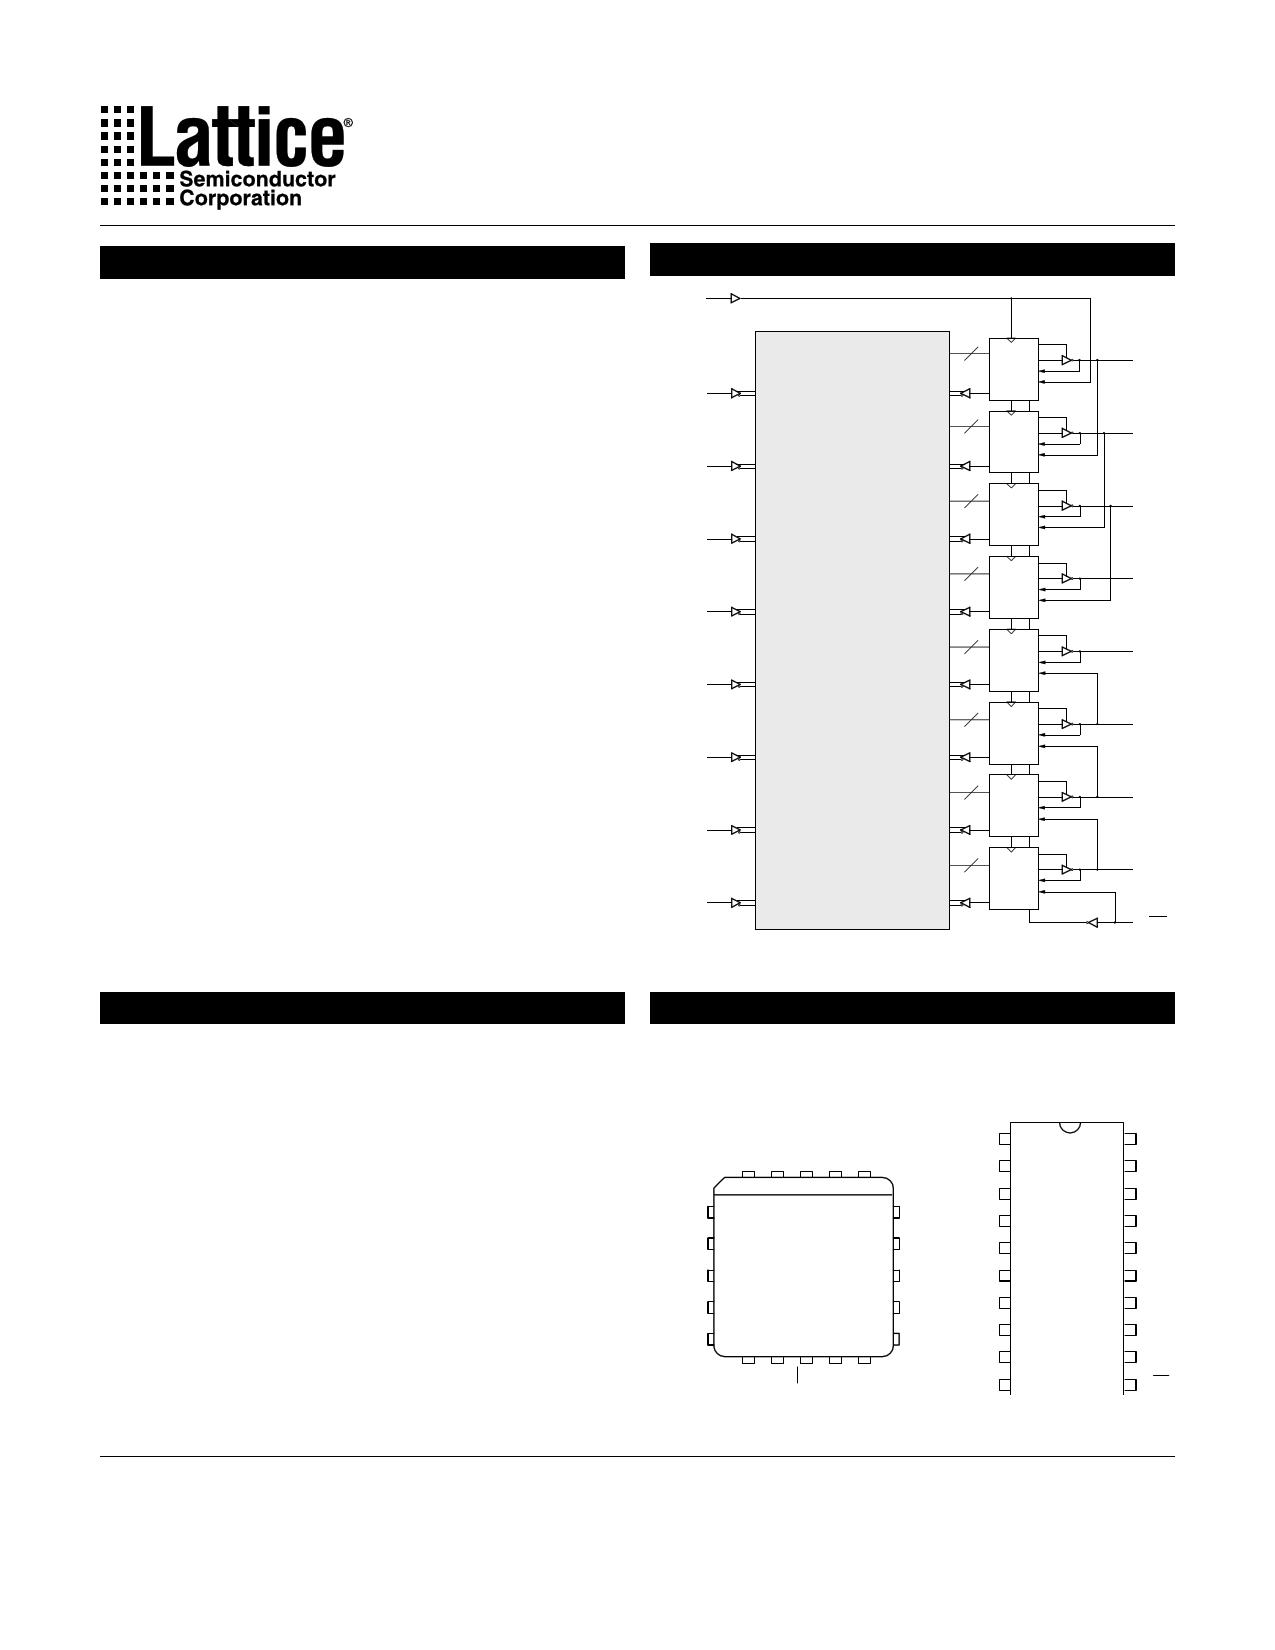 GAL16V8ZD-12QJ 데이터시트 및 GAL16V8ZD-12QJ PDF